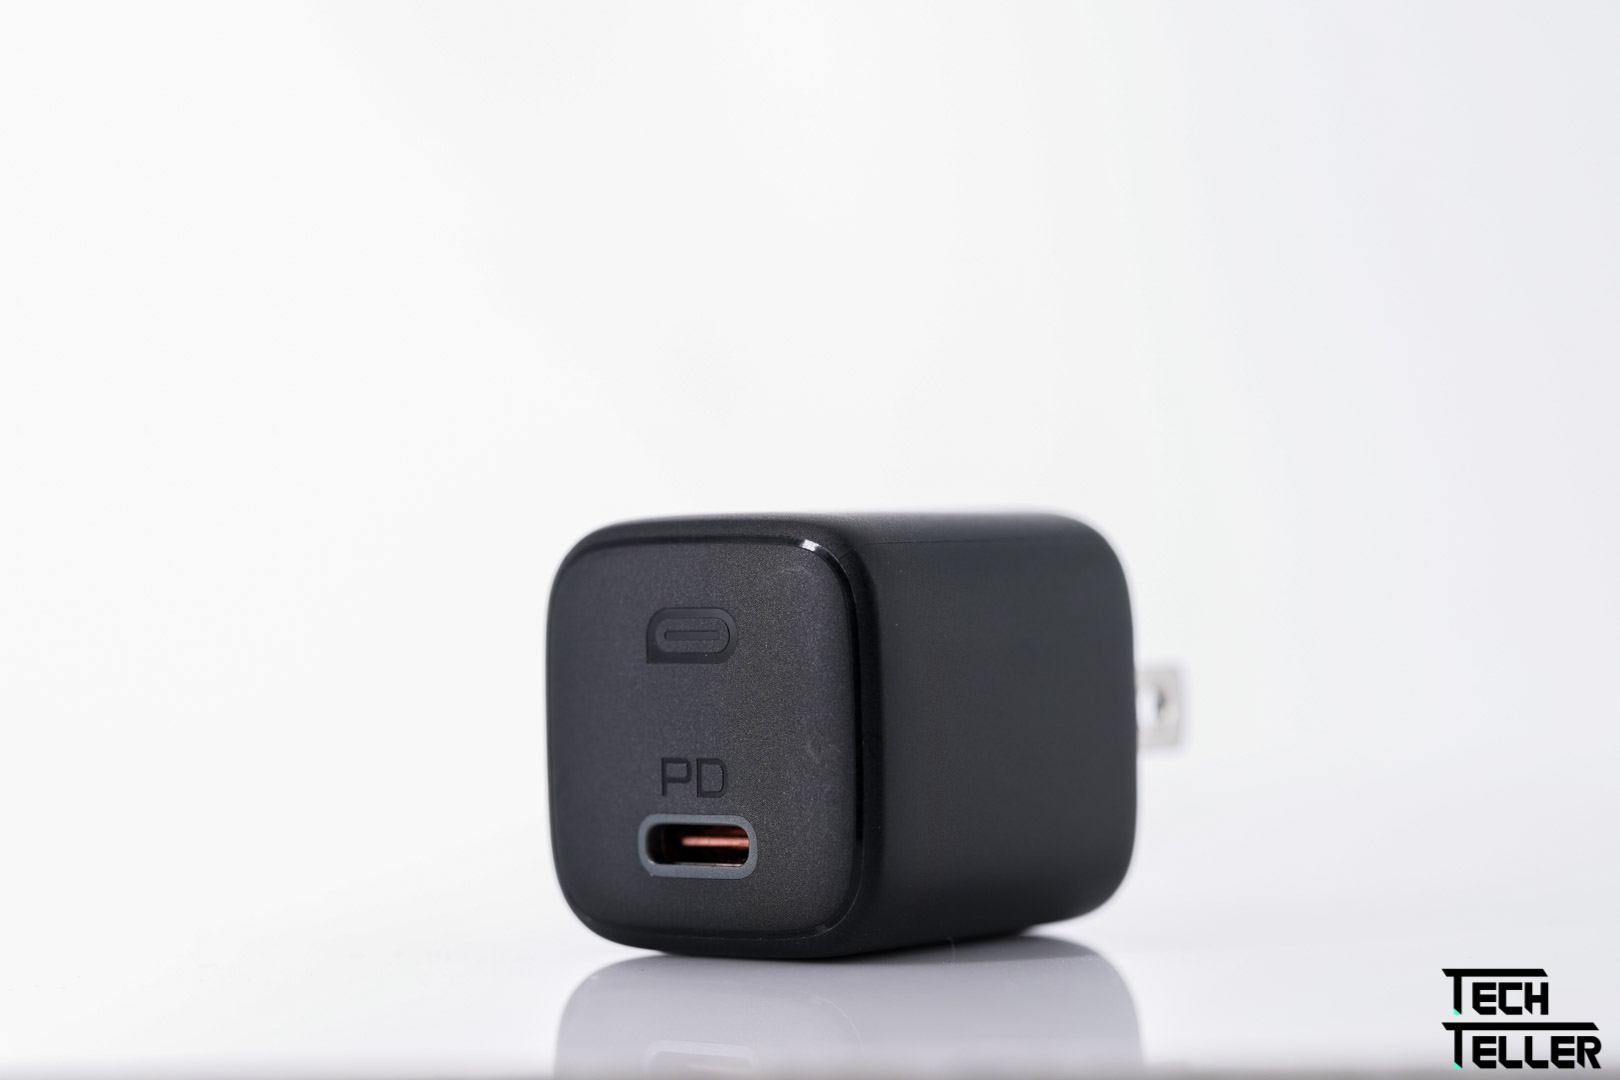 【超完整實測】2021年4款氮化鎵GaN充電器推薦!iPhone 12不附充電器的最佳解